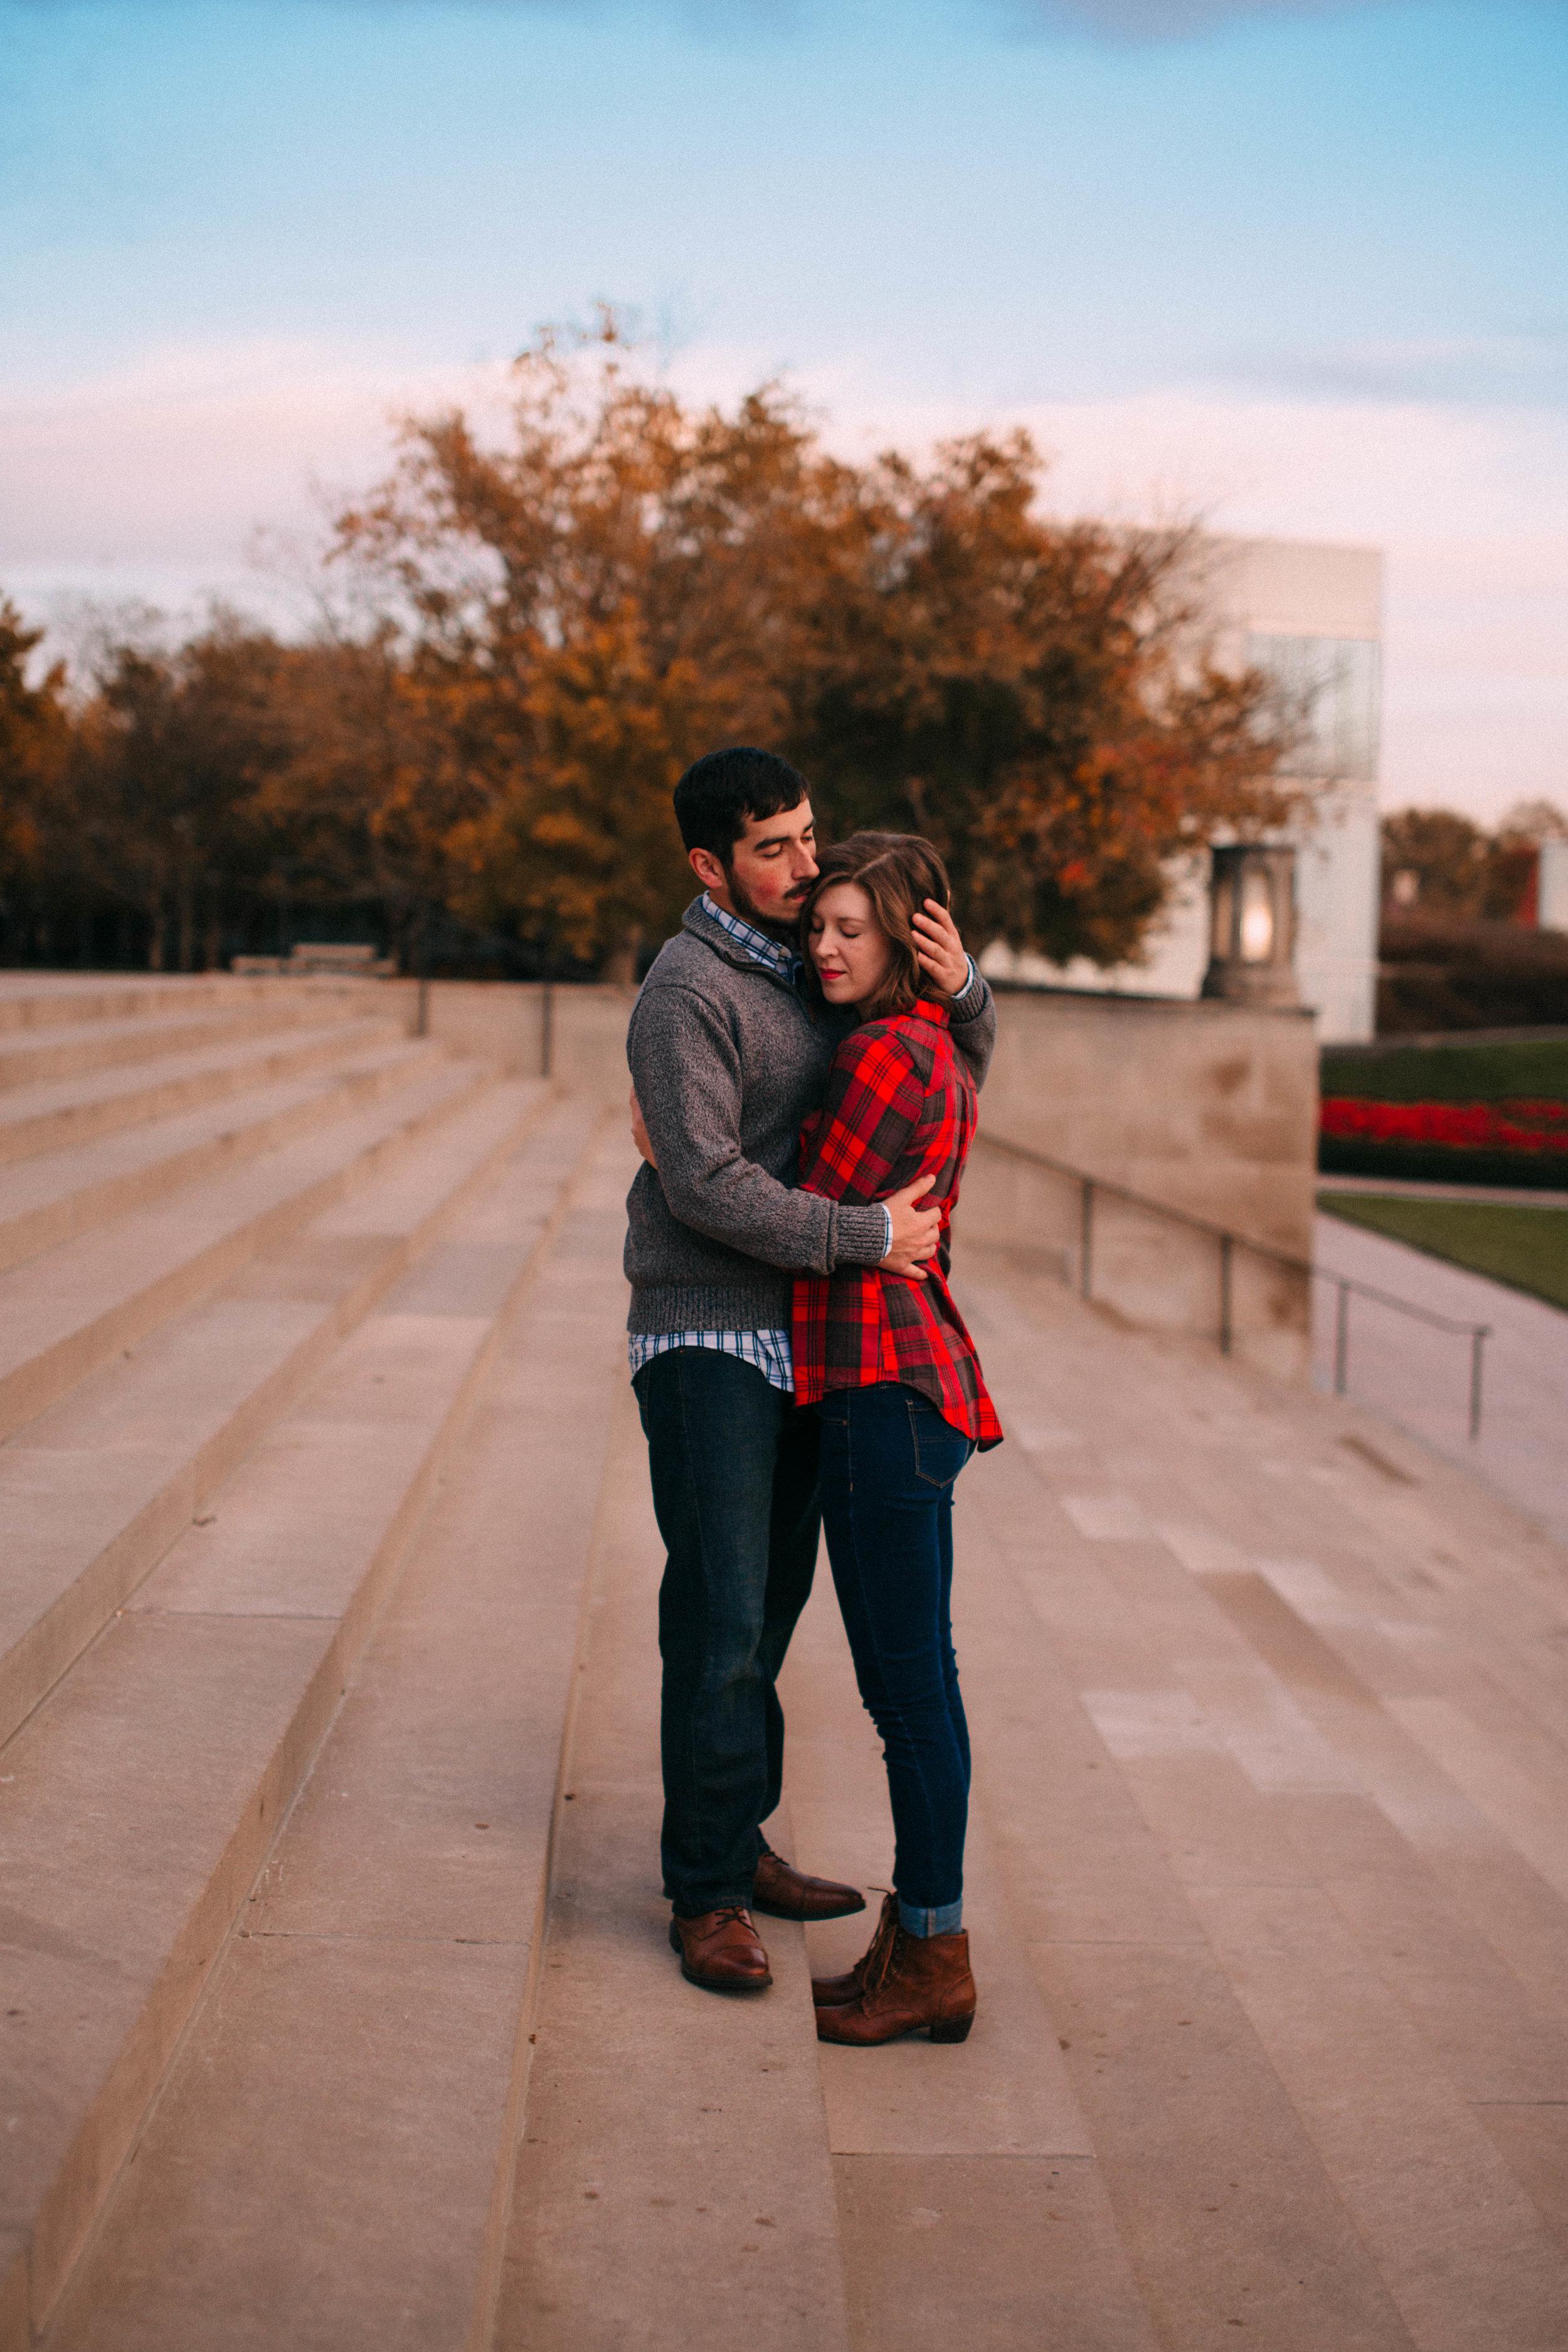 Joseph&Shelbie: Kansas City, MO | Hannahill Photography |Kansas City, MO